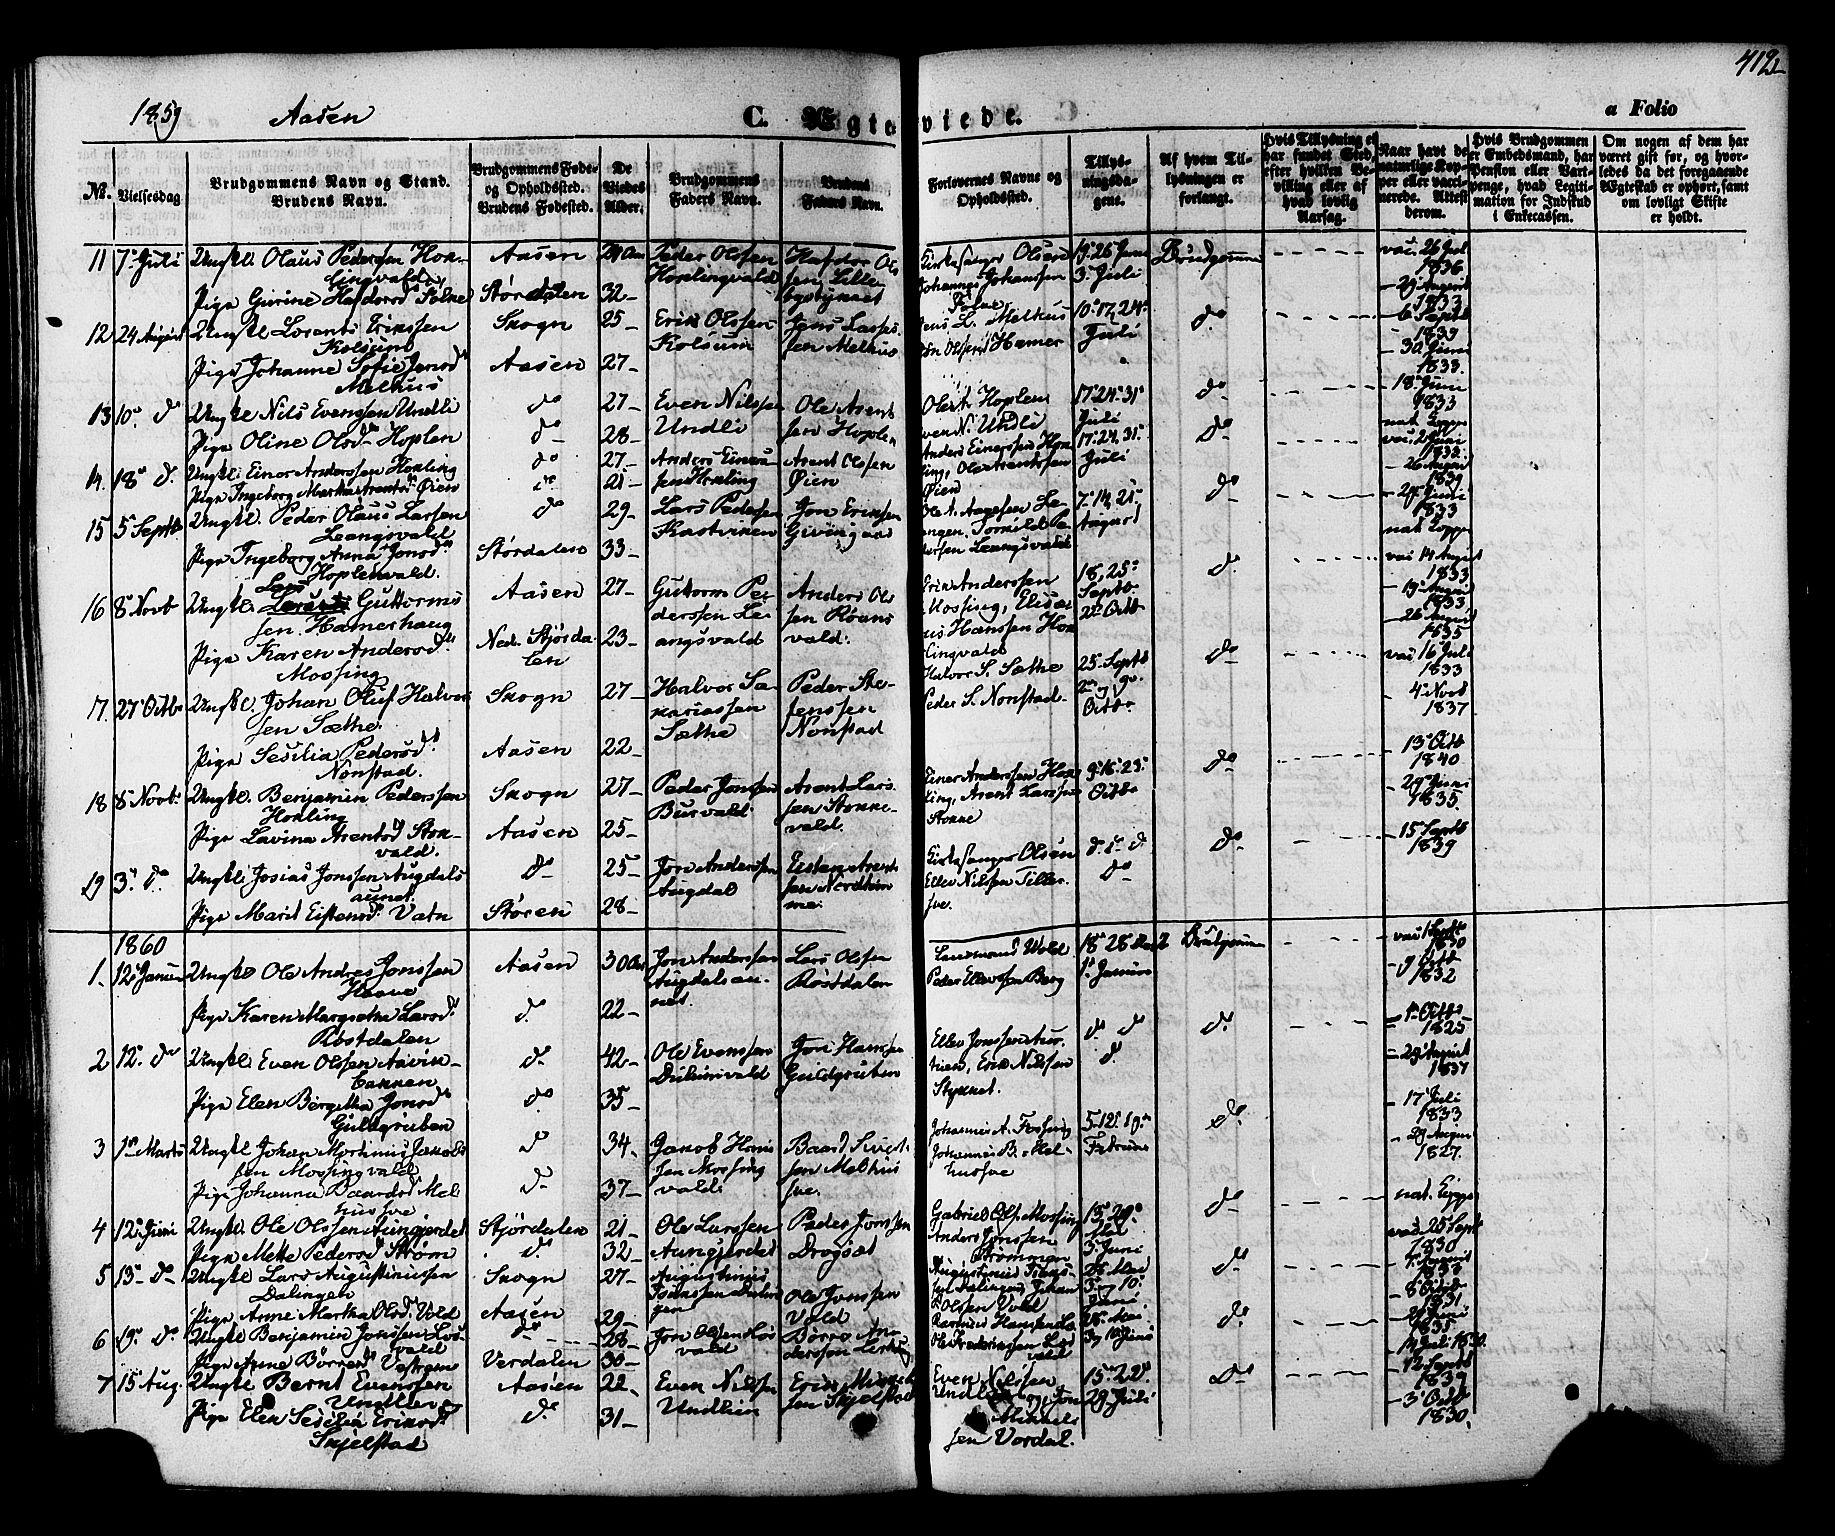 SAT, Ministerialprotokoller, klokkerbøker og fødselsregistre - Nord-Trøndelag, 713/L0116: Ministerialbok nr. 713A07 /2, 1850-1877, s. 412